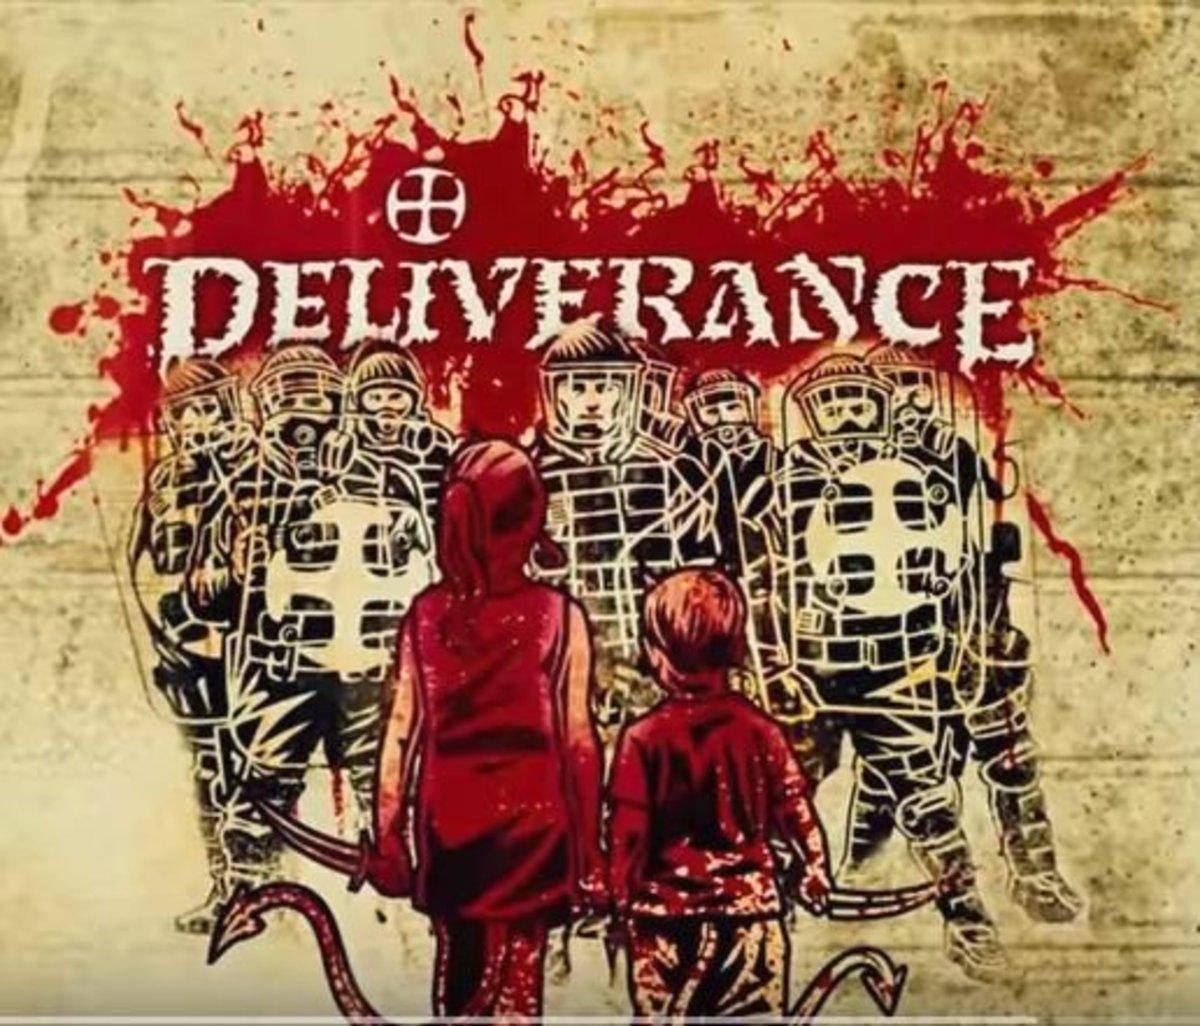 Deliverance: Christian Thrash Legends Return With